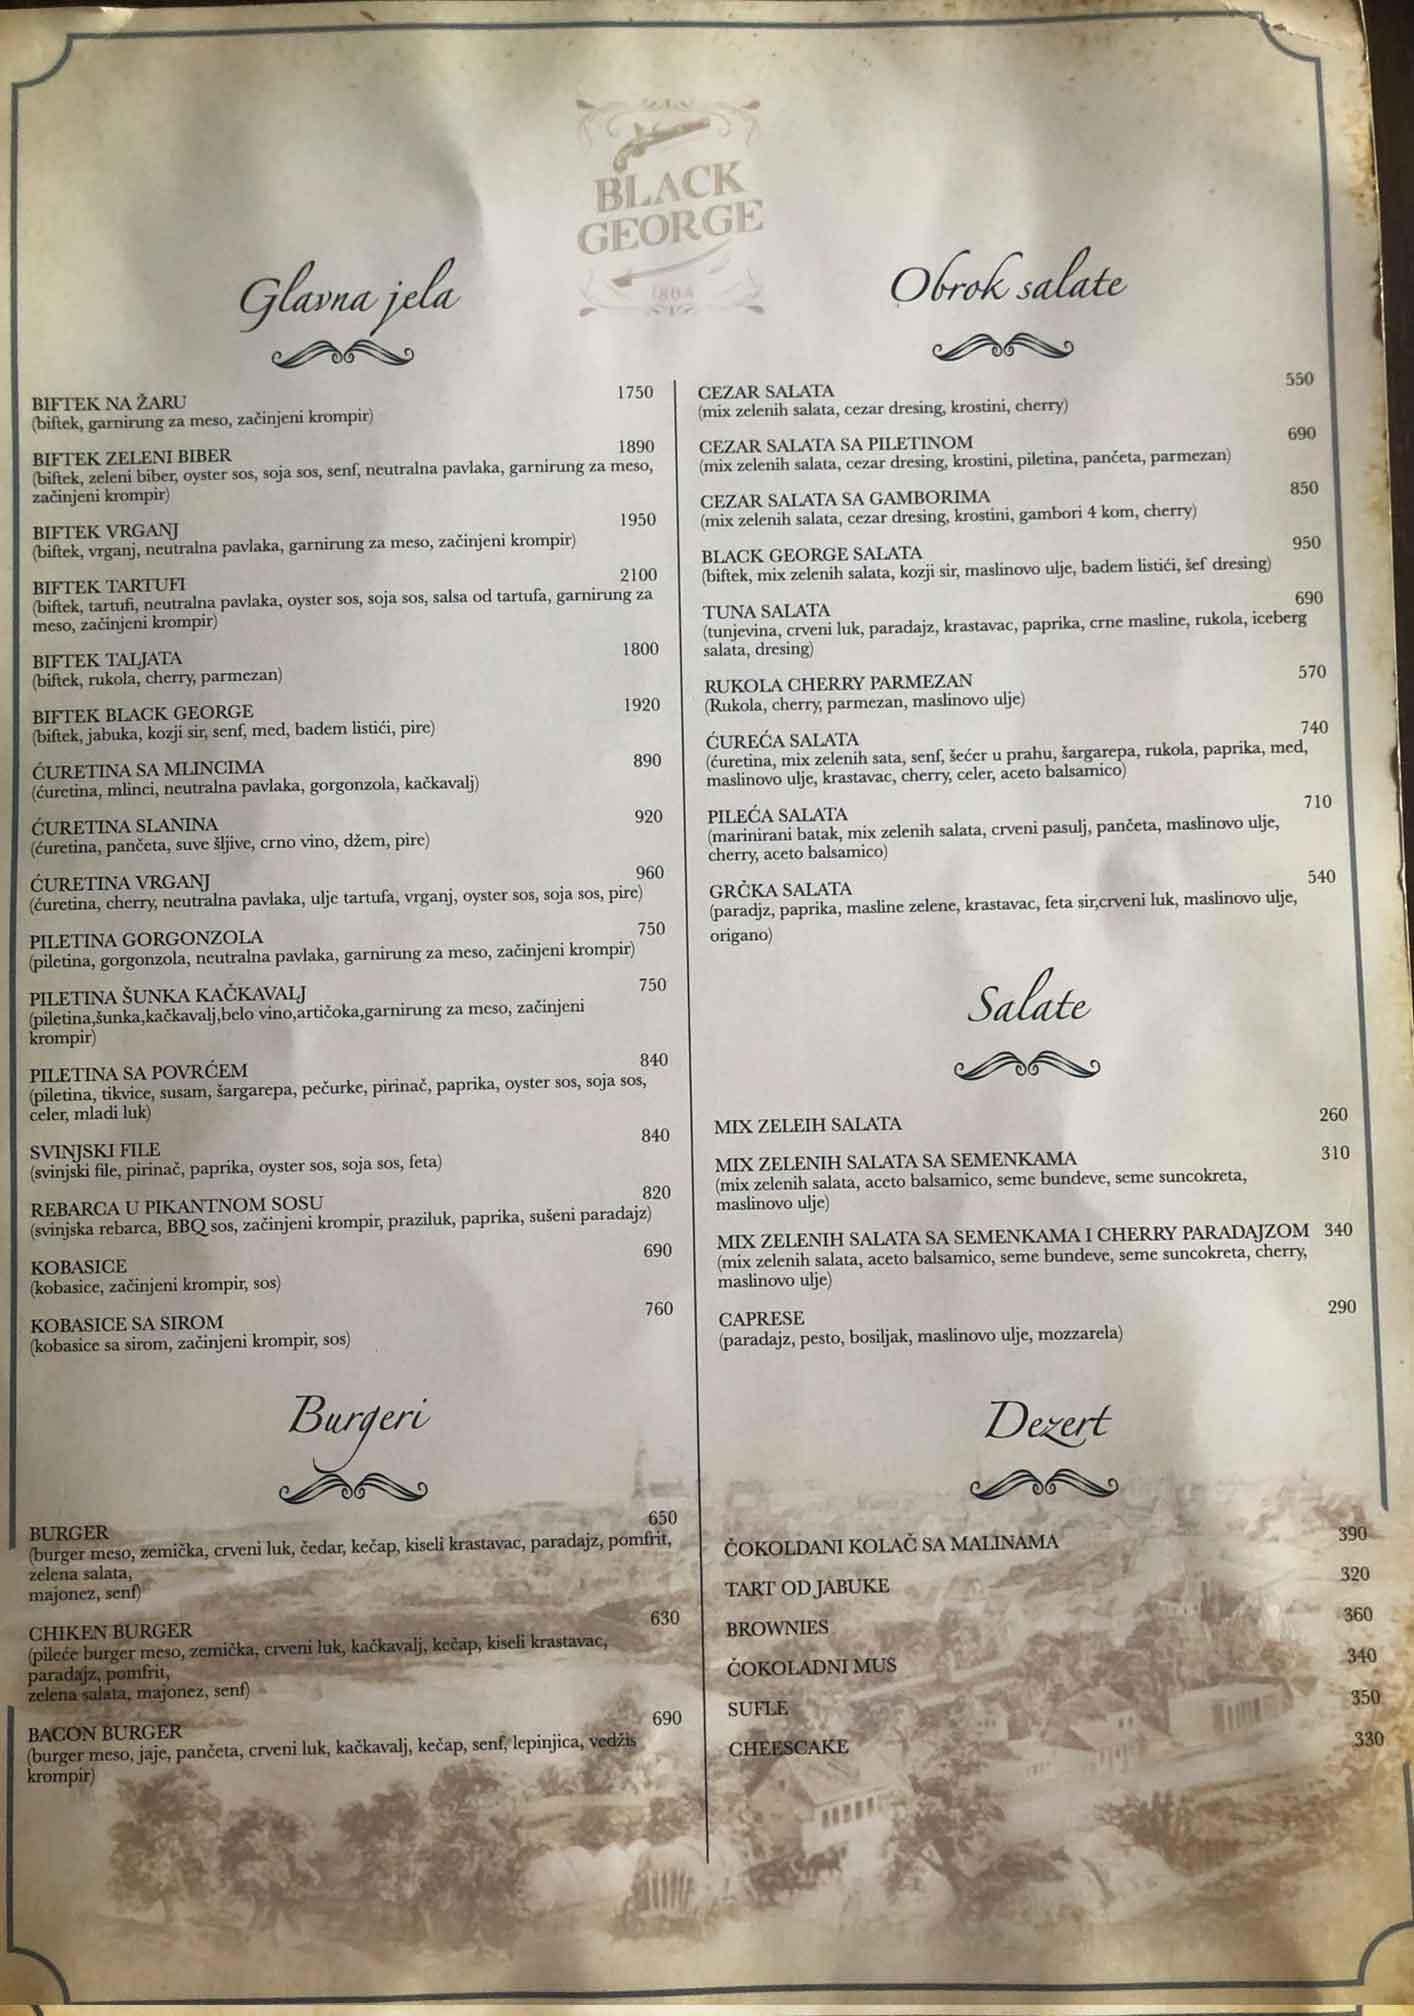 restoran black george jelovnik